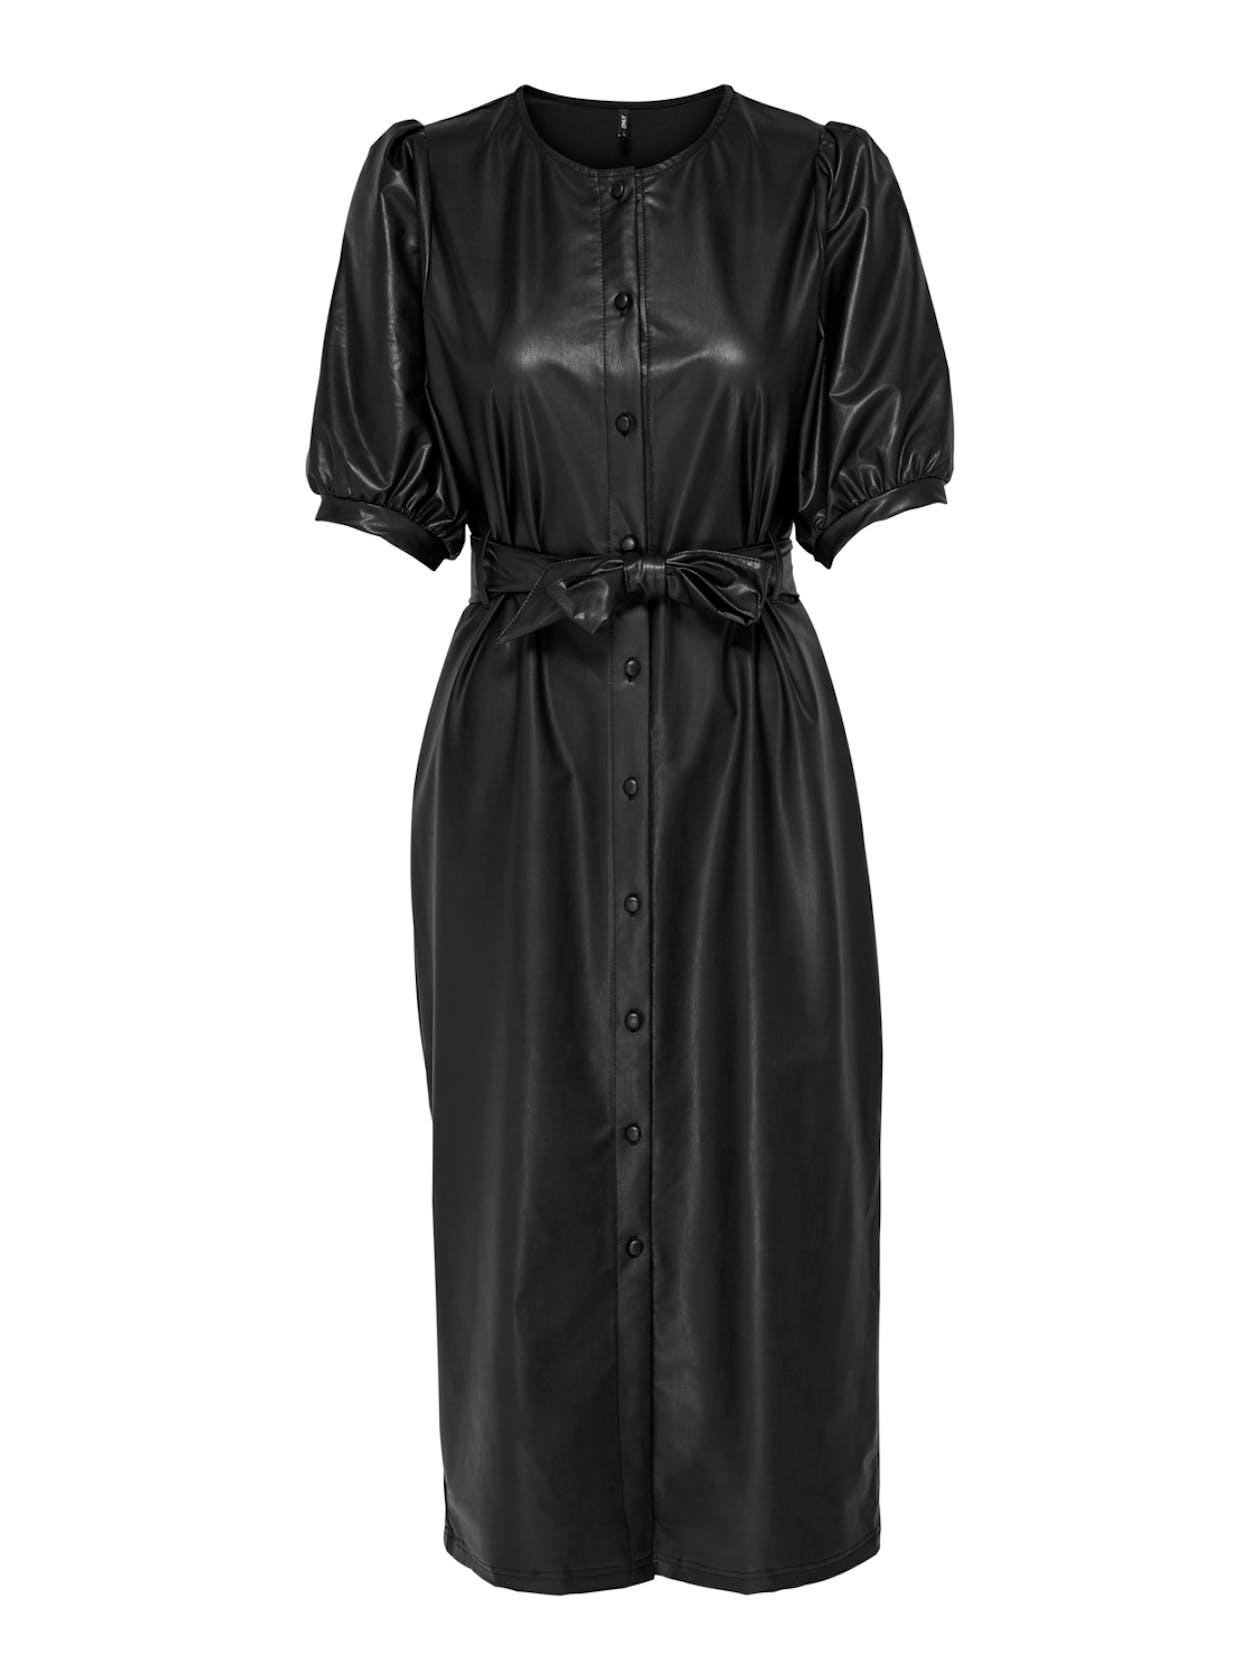 schwarzes Midikleid aus Lederimimtat mit kurzen Ärmeln und Gürtel